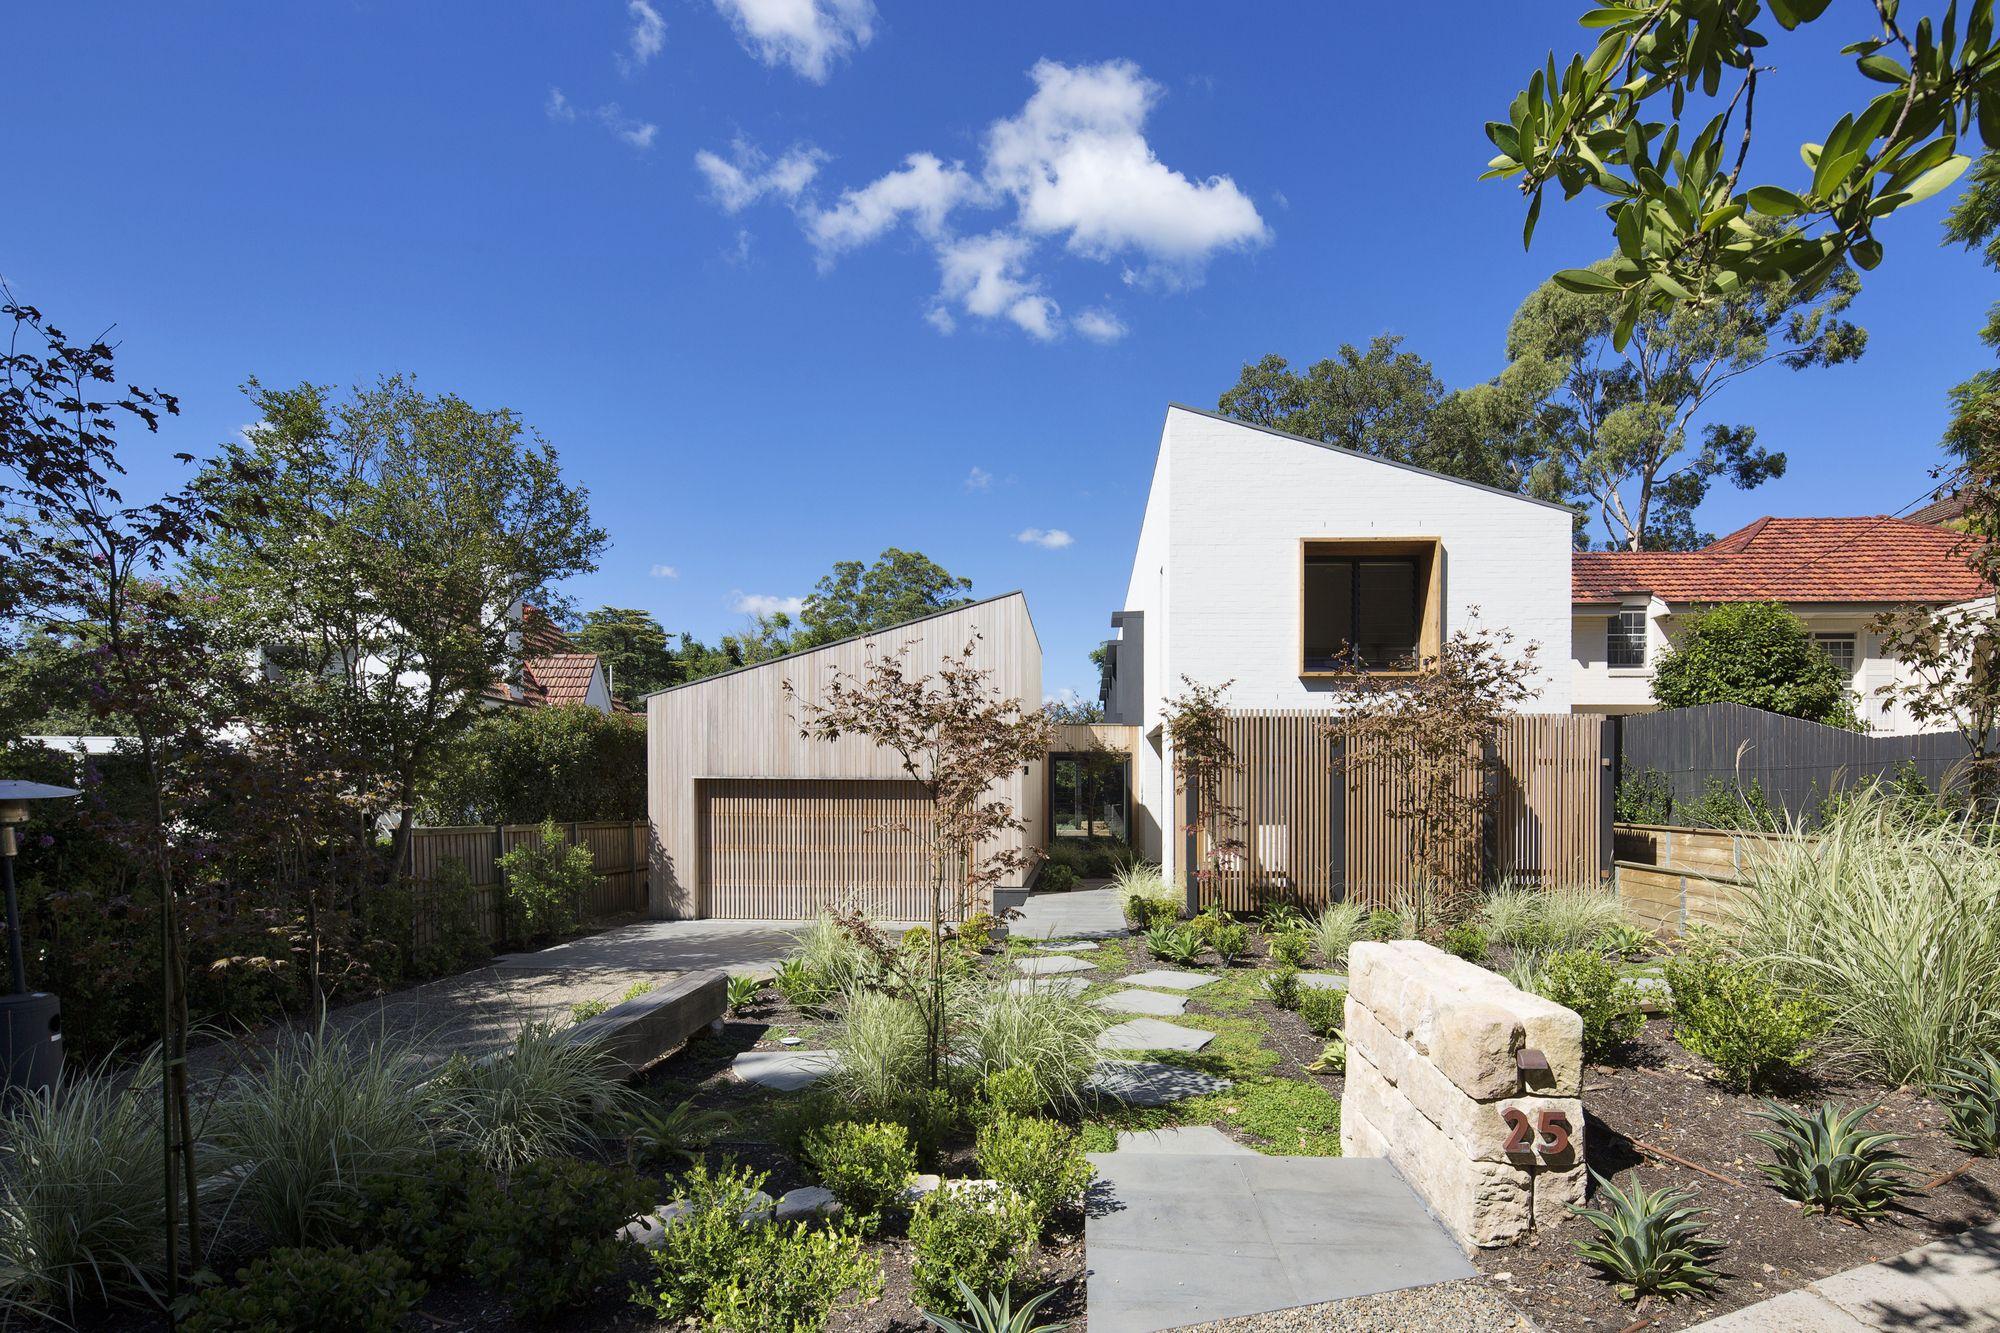 Garden House James Design Studio Contemporary Garden Australian Architecture Home And Garden